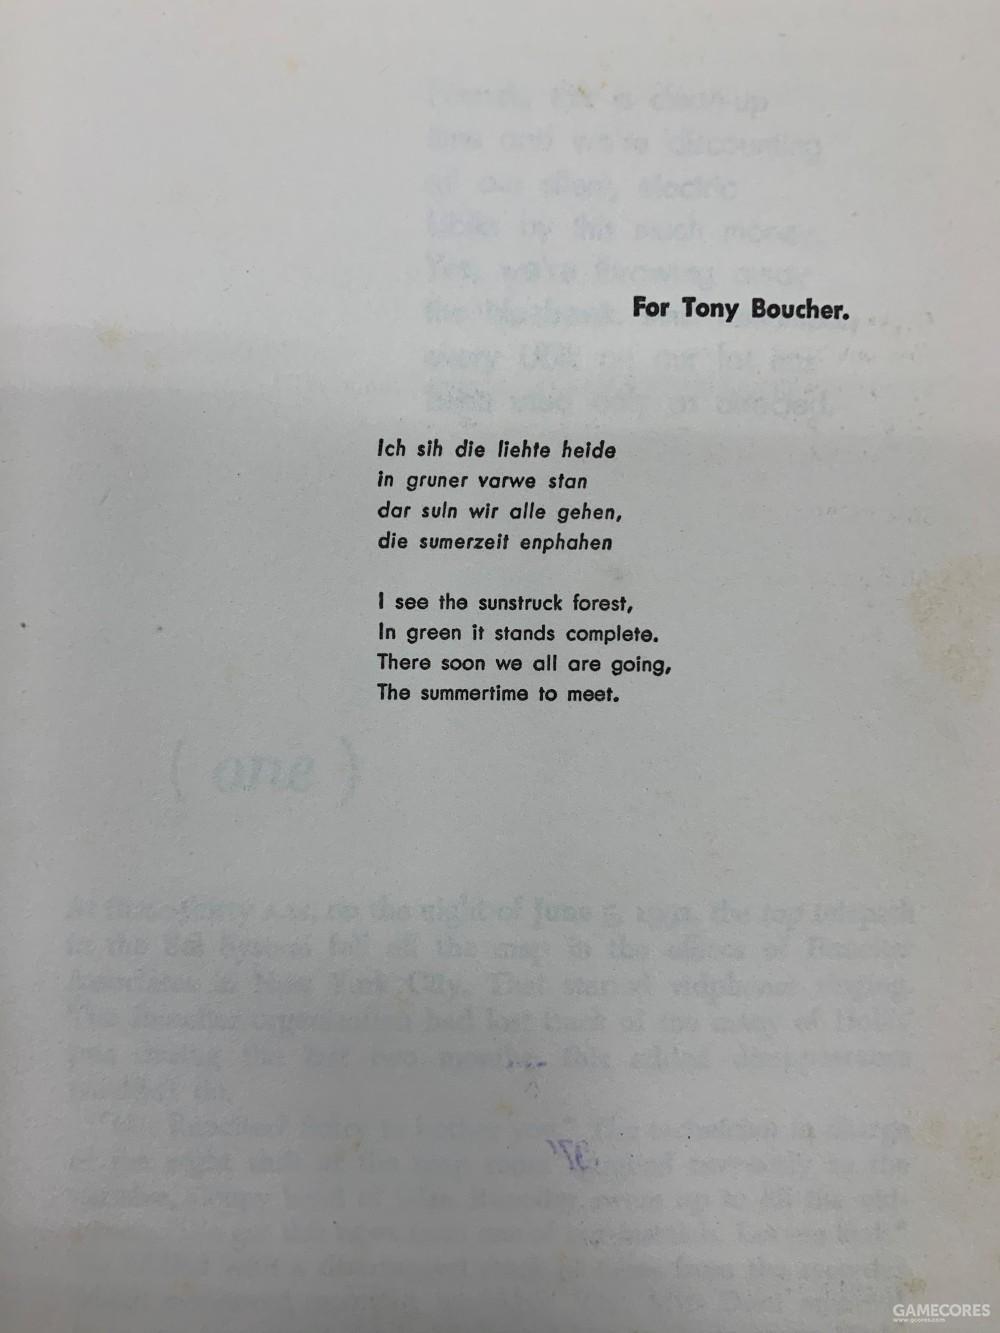 献词给发掘他的伯乐,科幻编辑Tony Boucher,于1968年去世